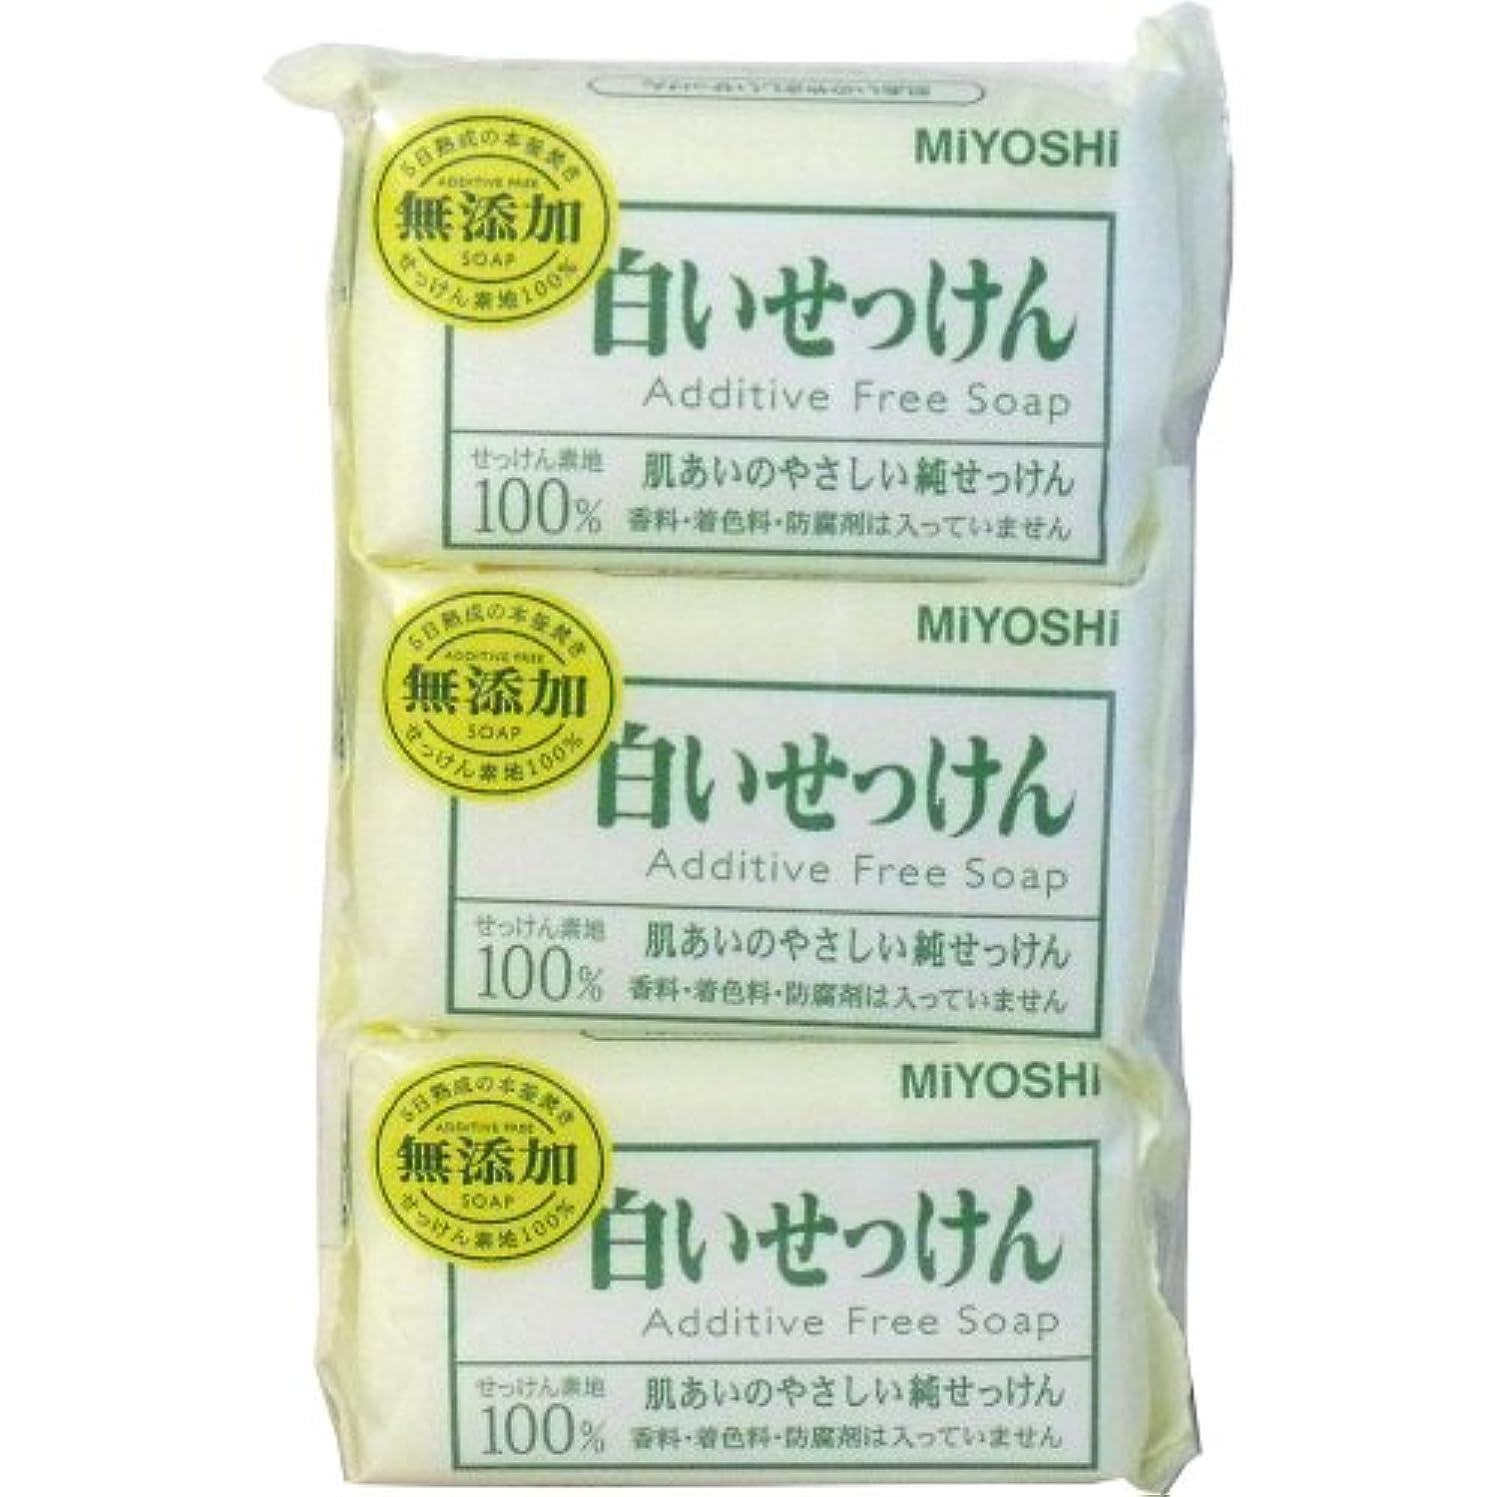 繊毛花に水をやる快適ミヨシ 無添加 白いせっけん 108g×3個 ×3個セット